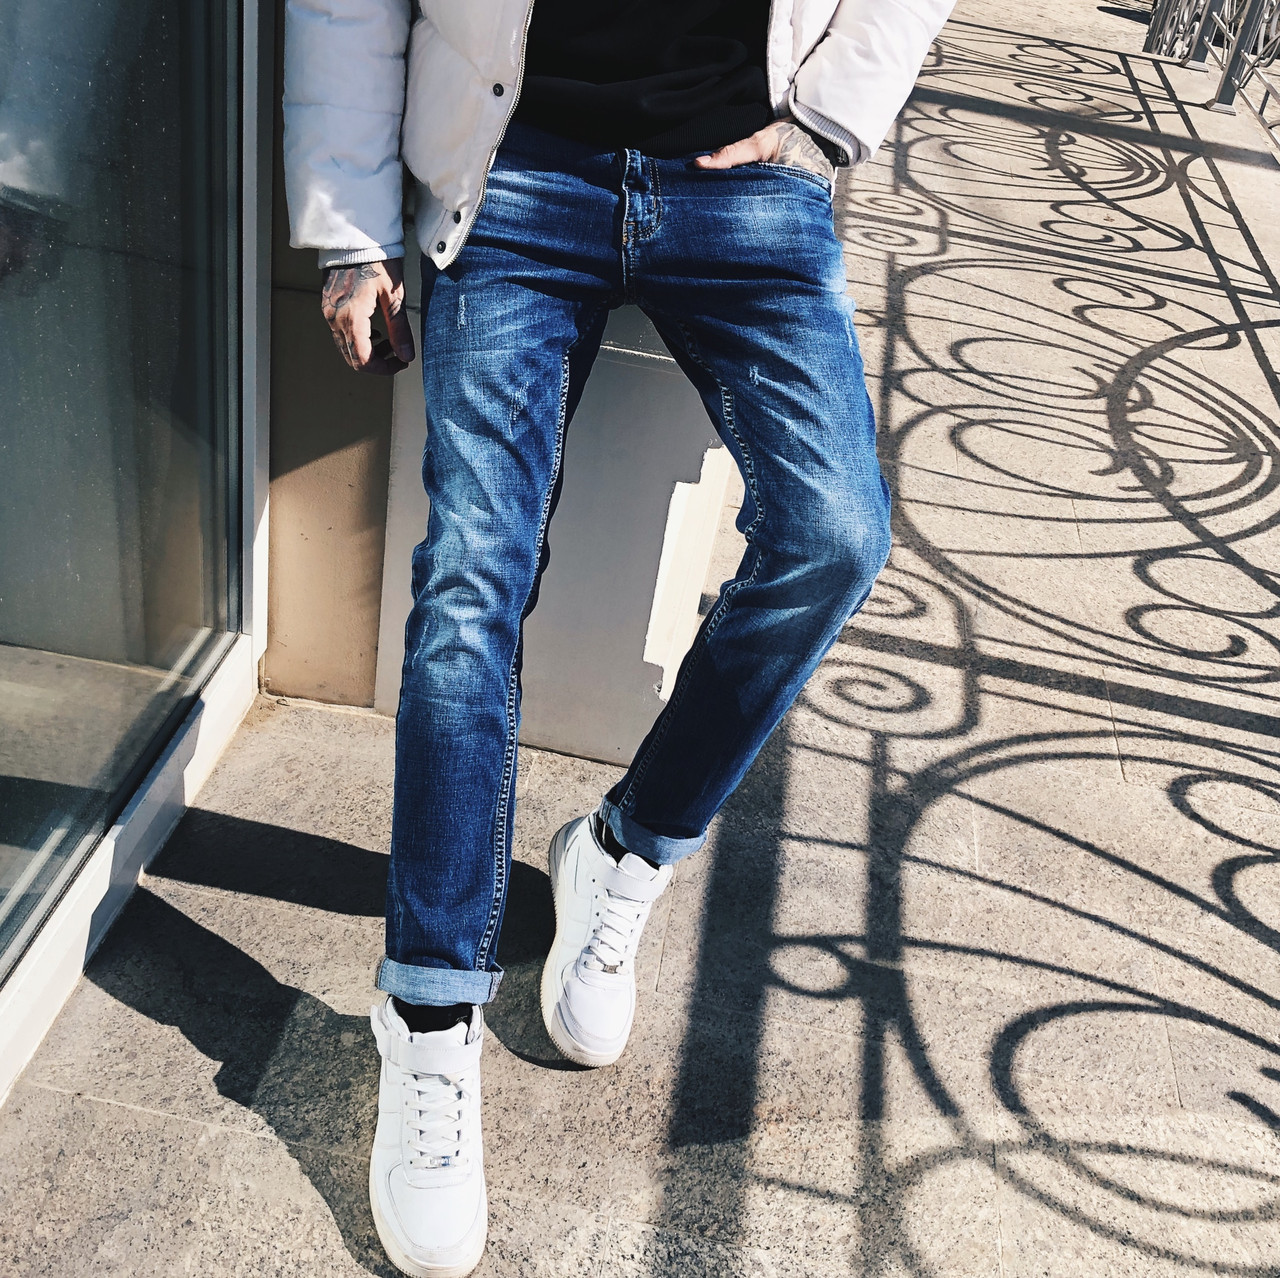 64d1cc616c42b 8005 Resalsa джинсы мужские молодежные с царапками весенние стрейчевые  (27-33, 7 ед.)